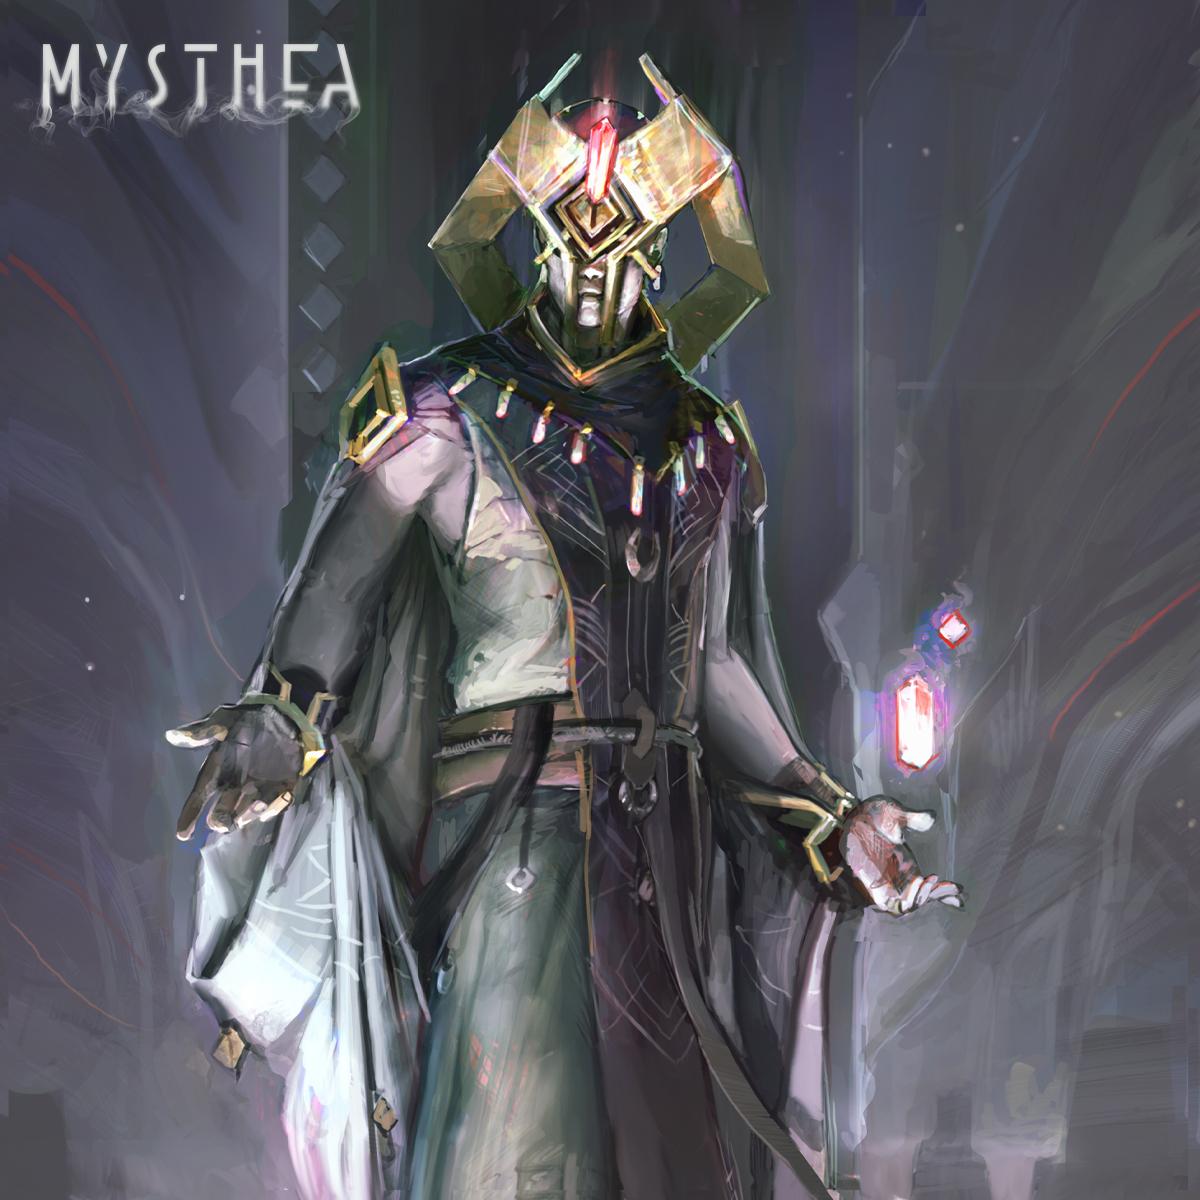 post_fb_ART_HEROS_1_1200x1200_mysthea